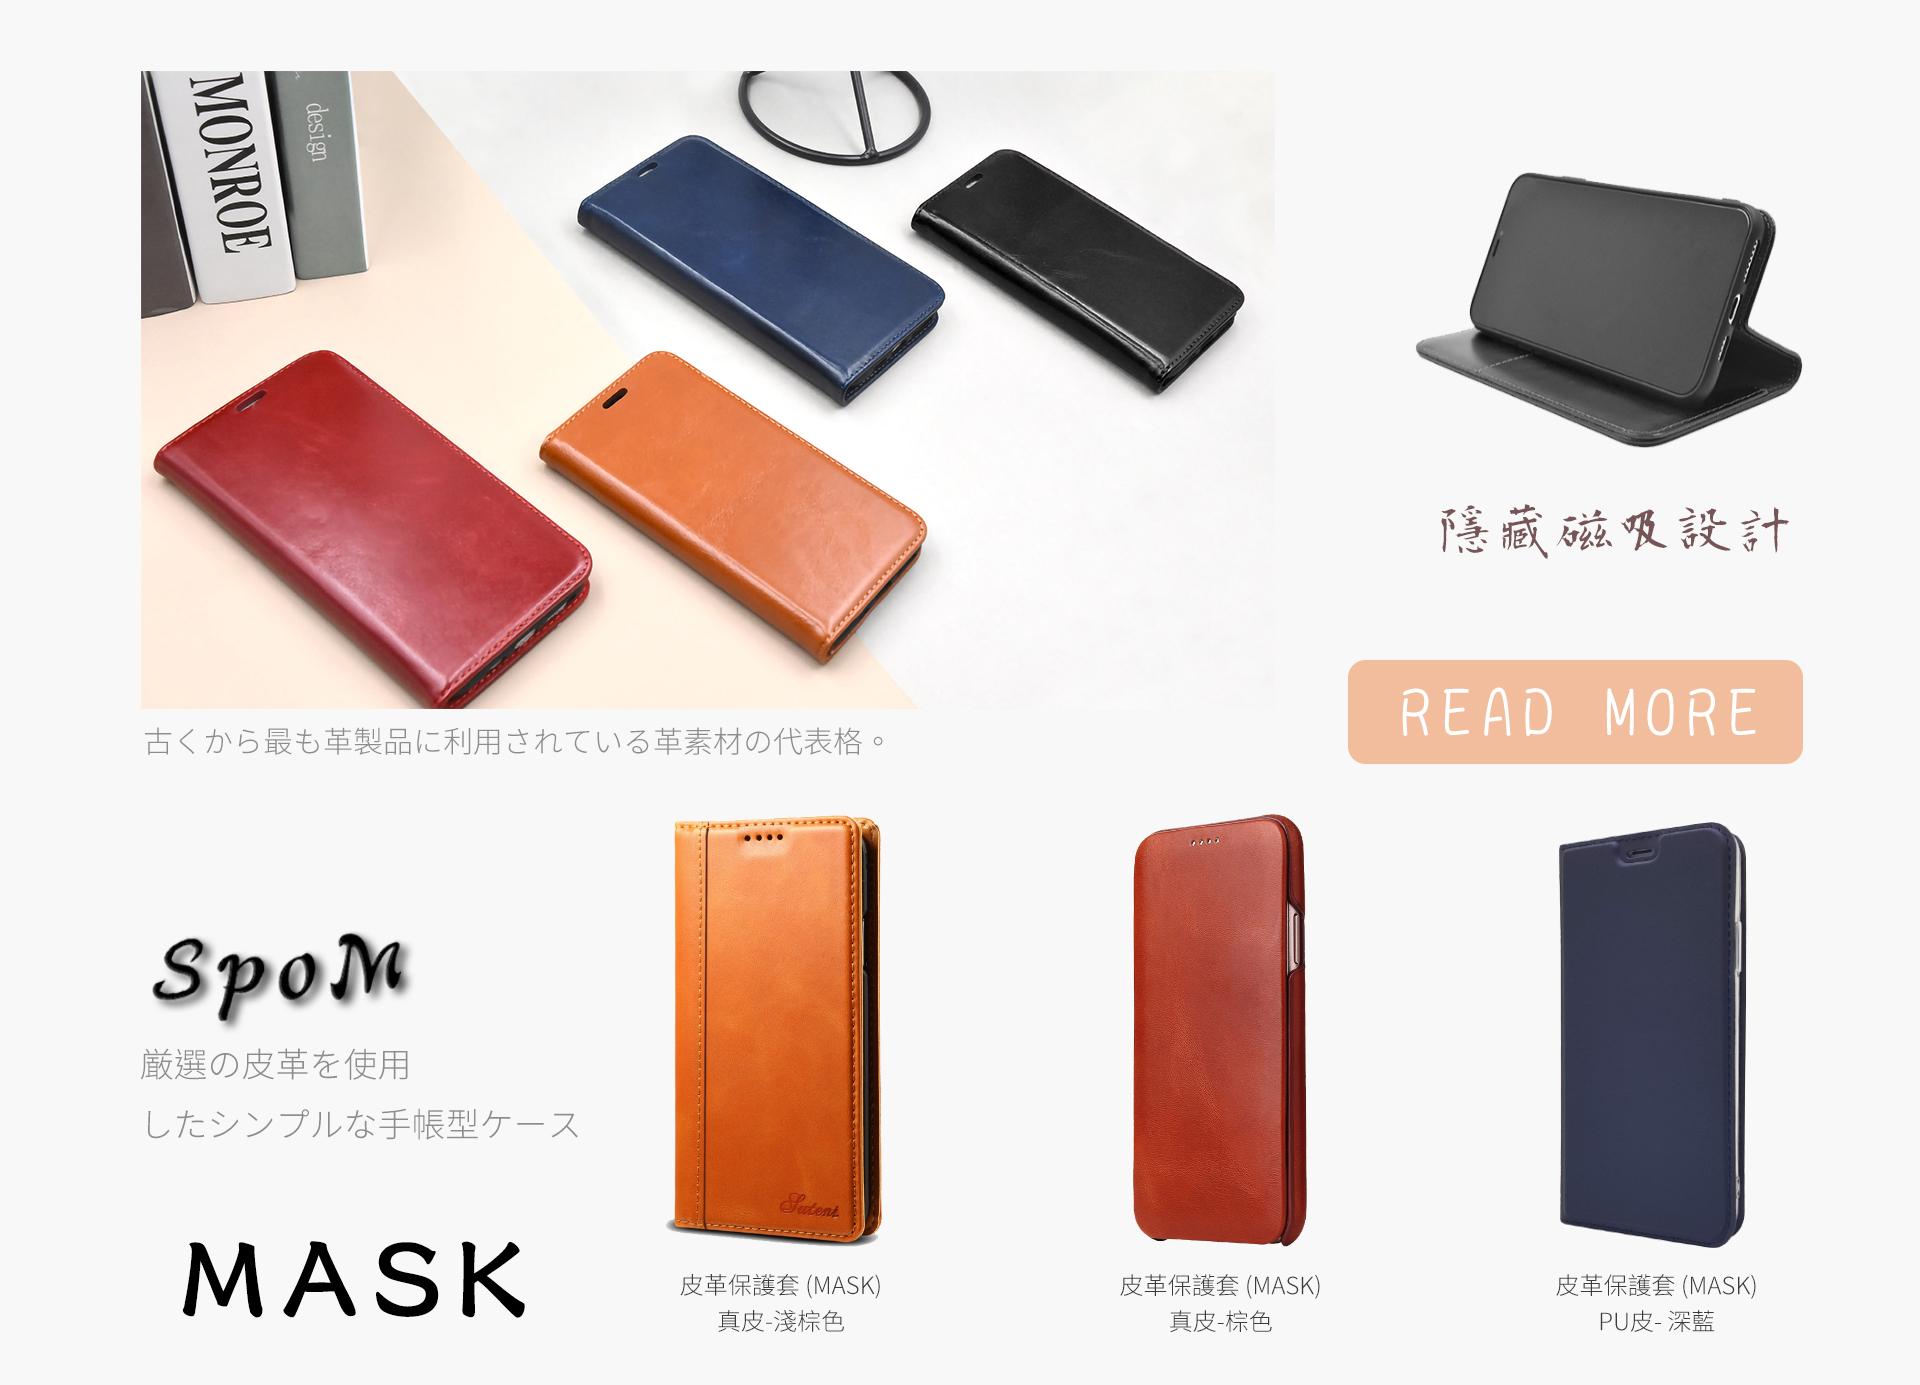 皮革保護套(MASK) - 磁吸隱藏式皮套